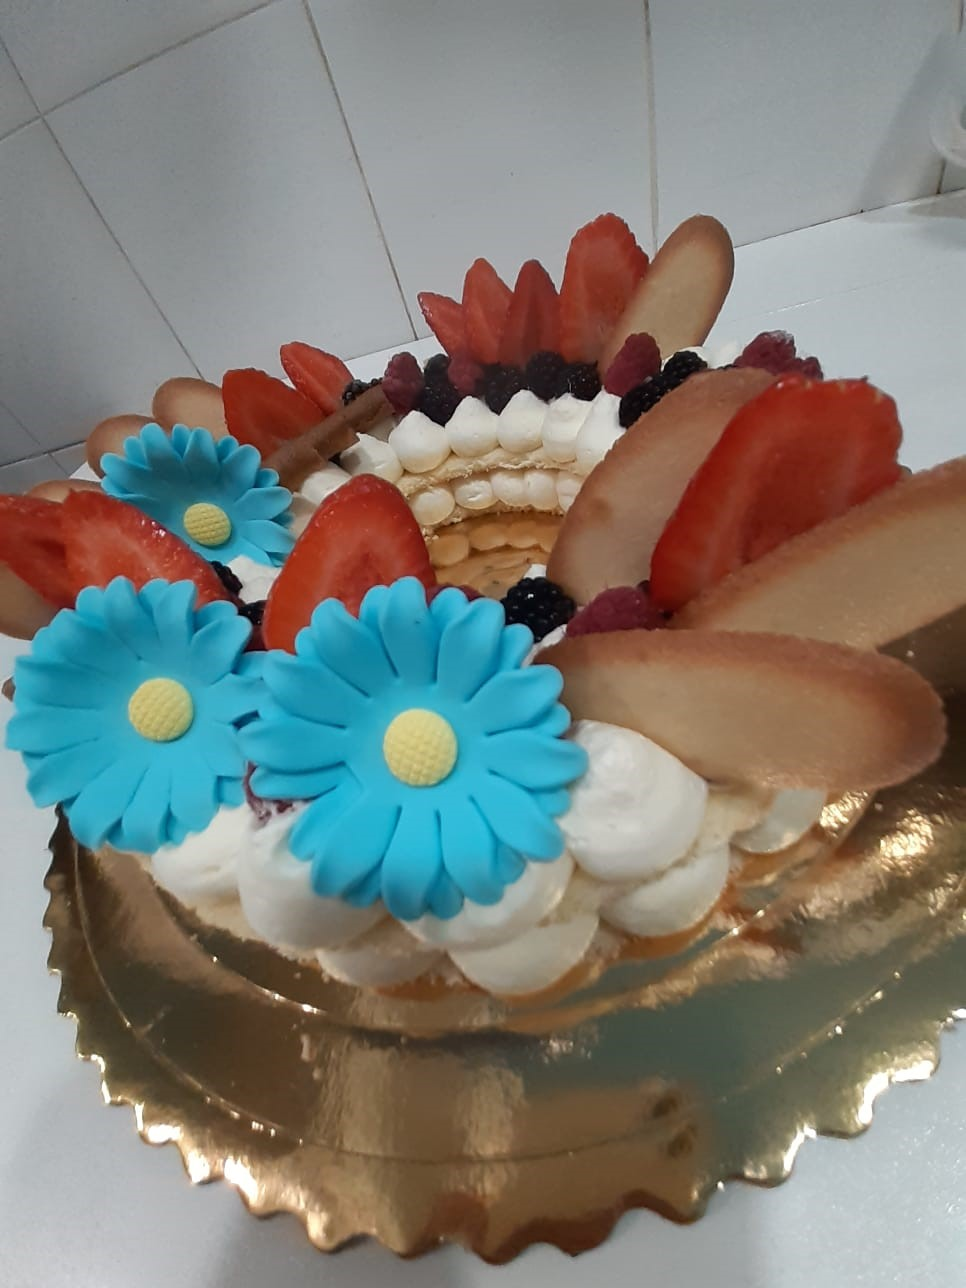 Il gelato di sara-gelateria superolmi-casalguidi-gelato-buono-cream tart-02